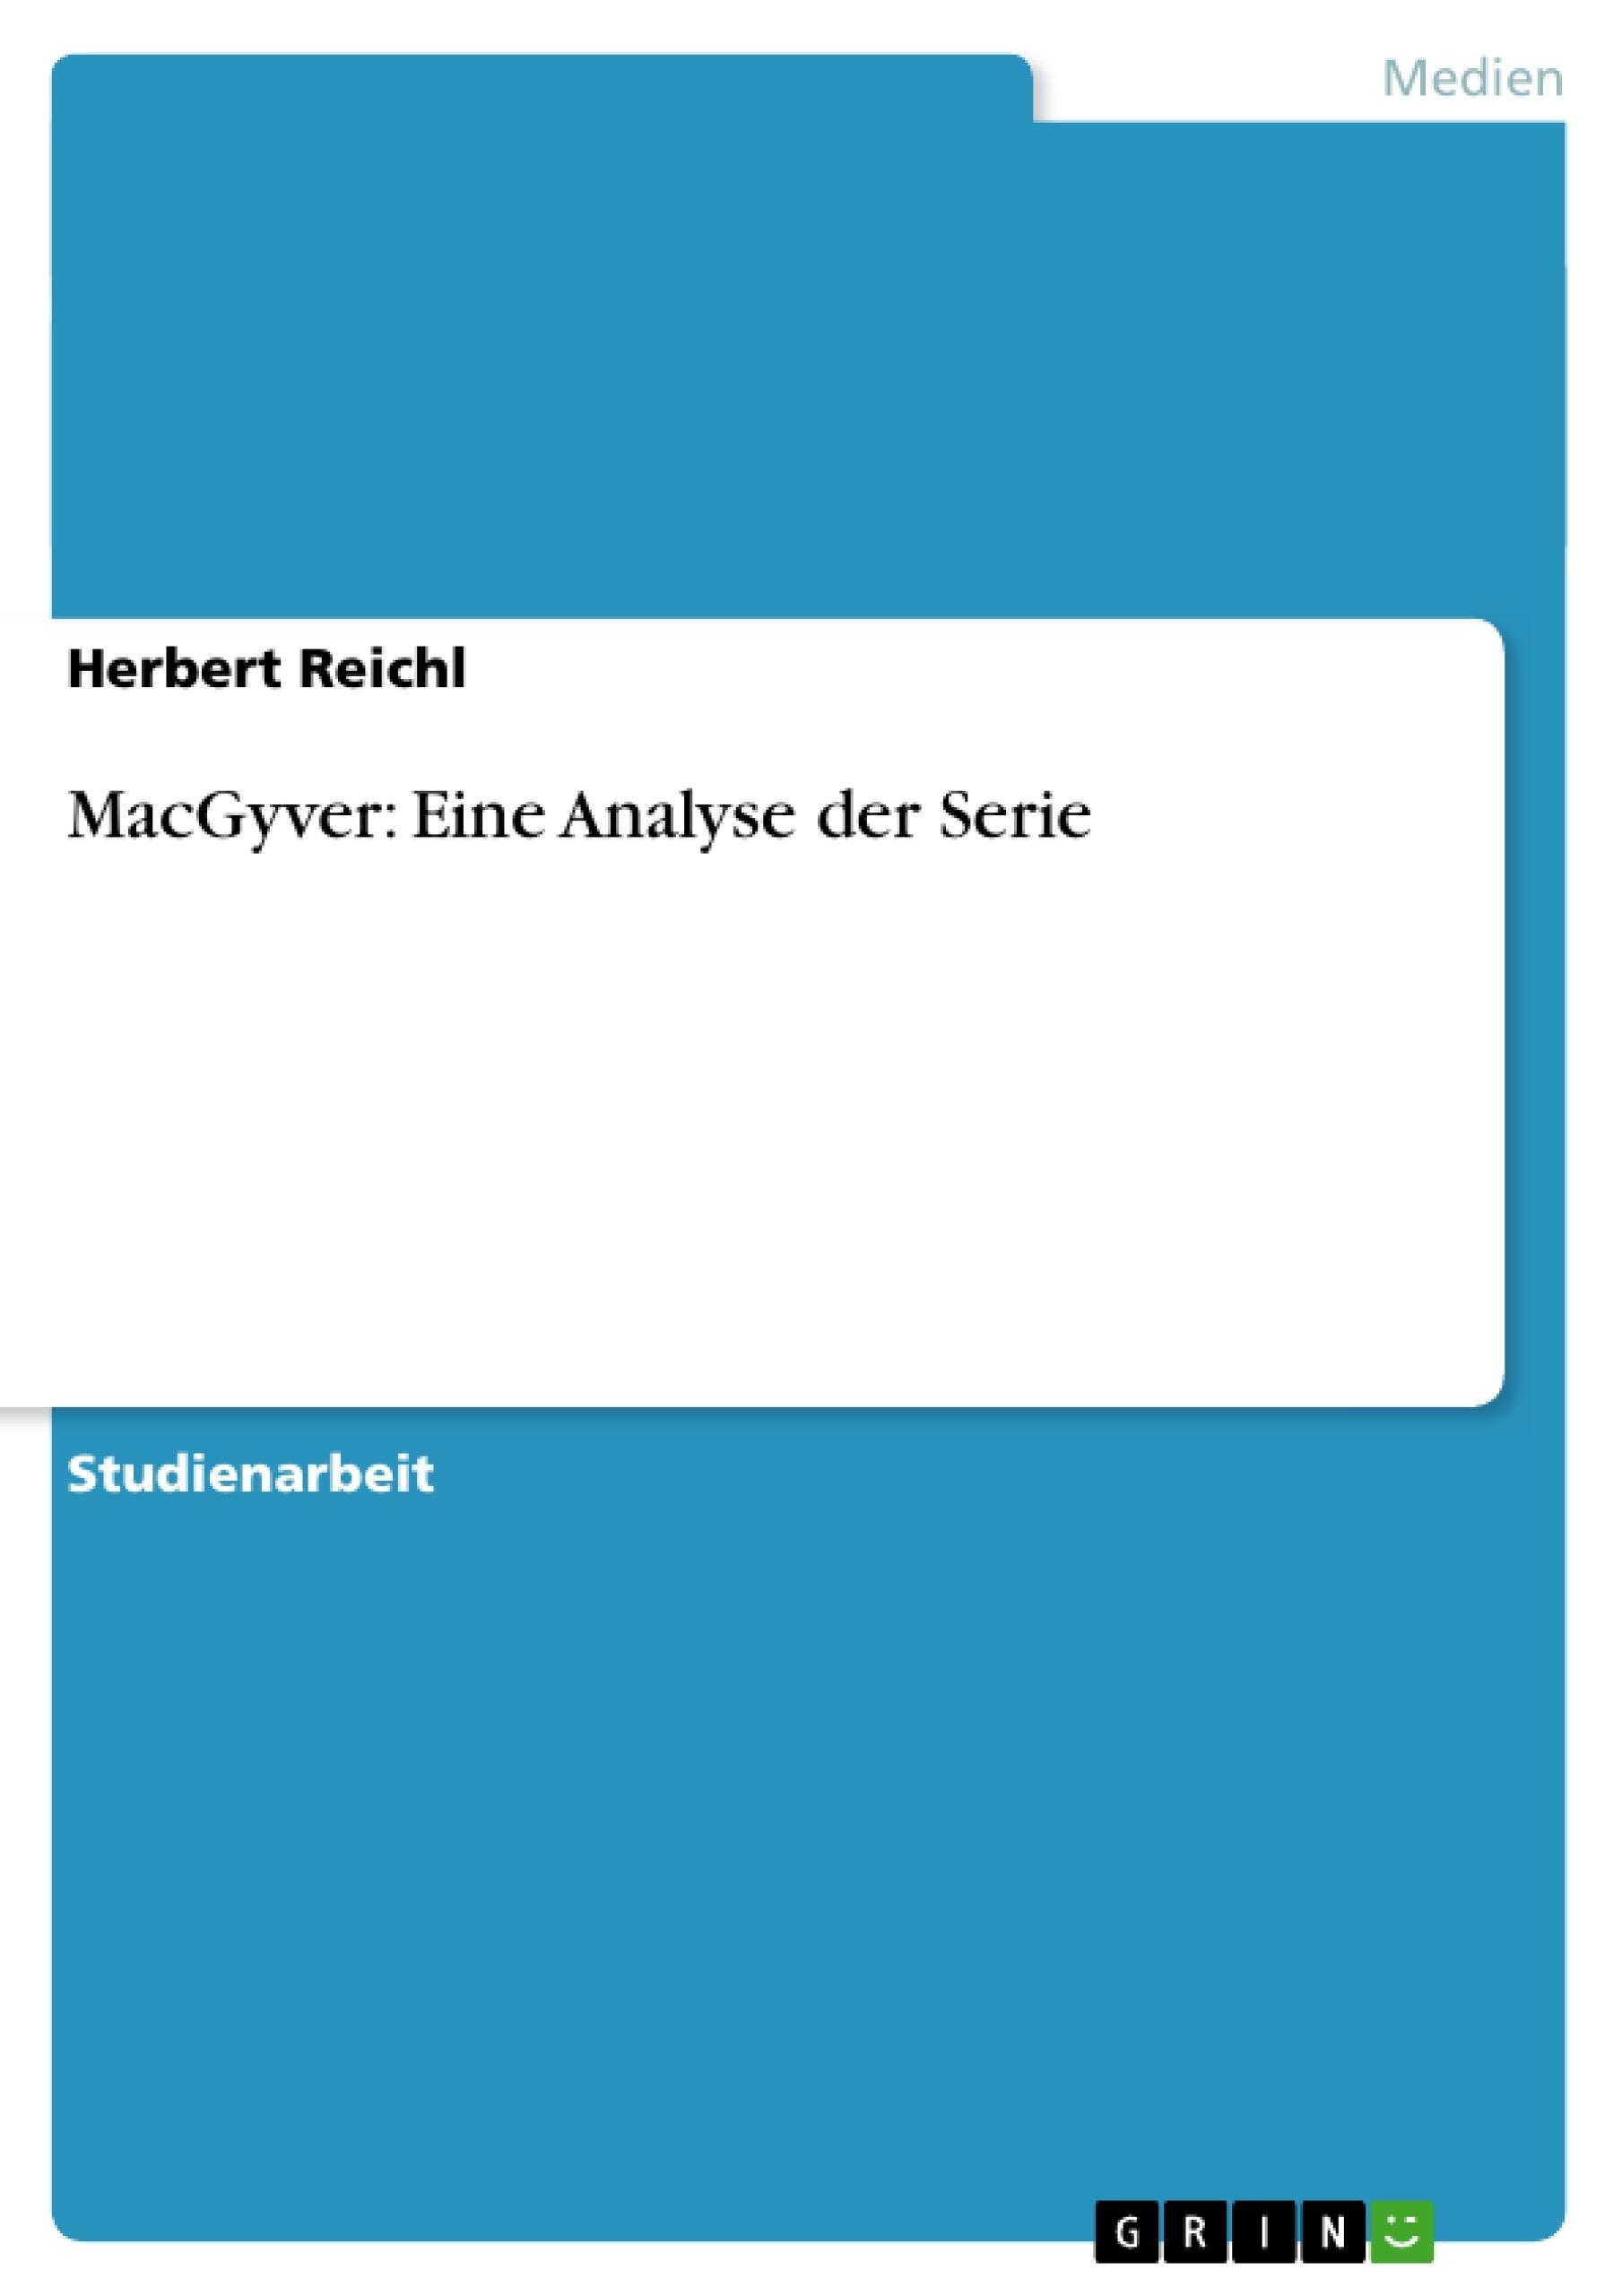 Titel: MacGyver: Eine Analyse der Serie